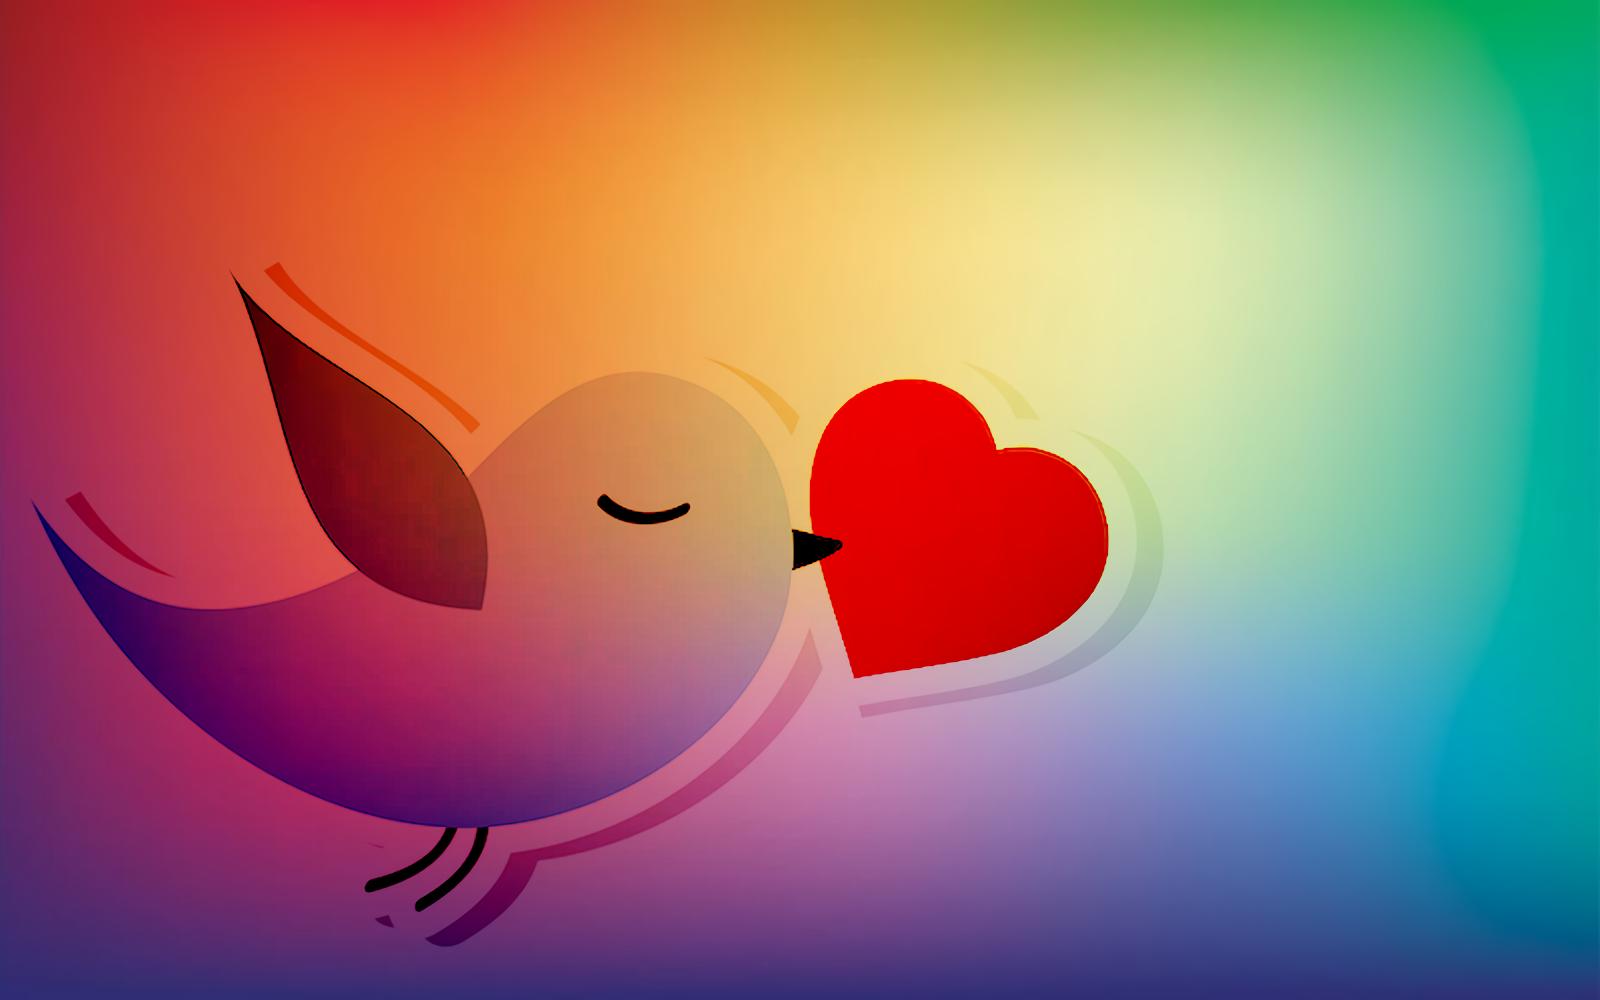 Bird holding heart, rainbow colour background